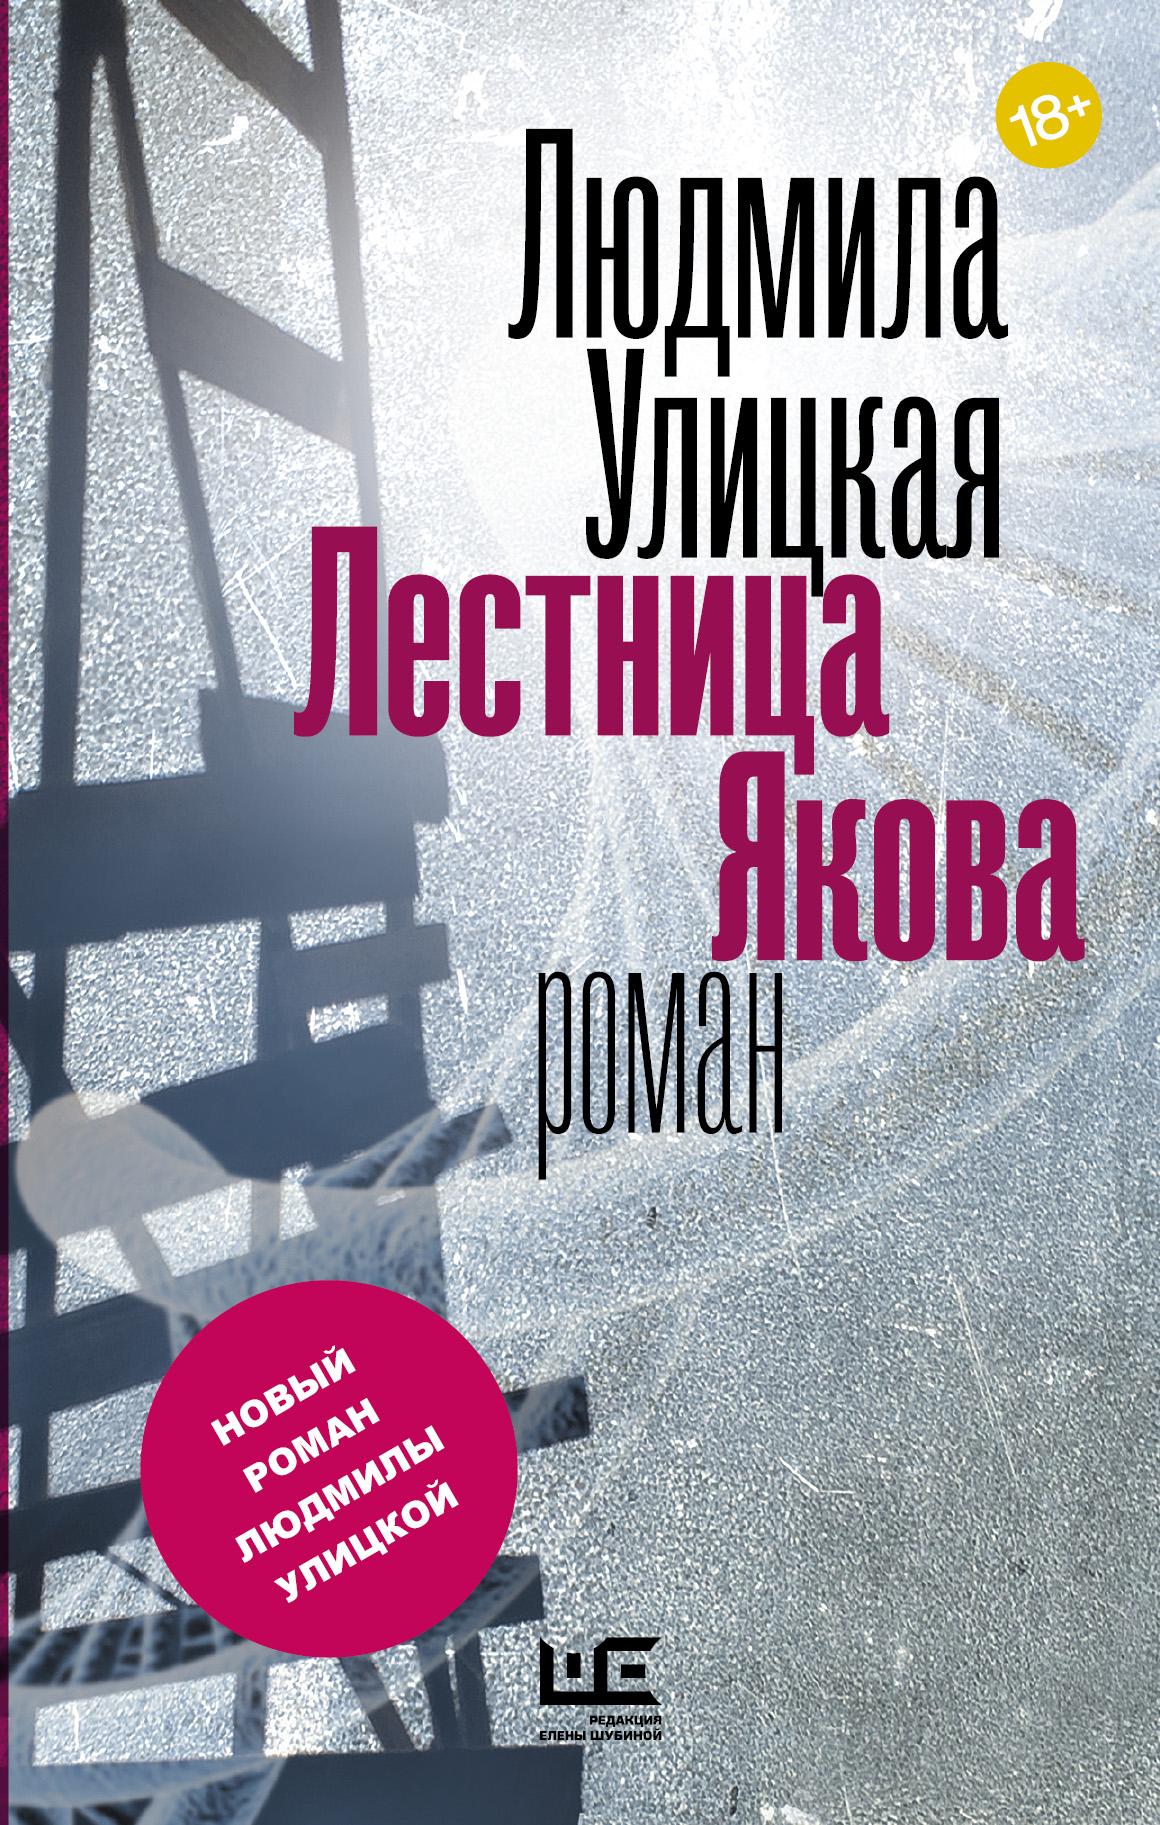 Людмила Улицкая «Лестница Якова»